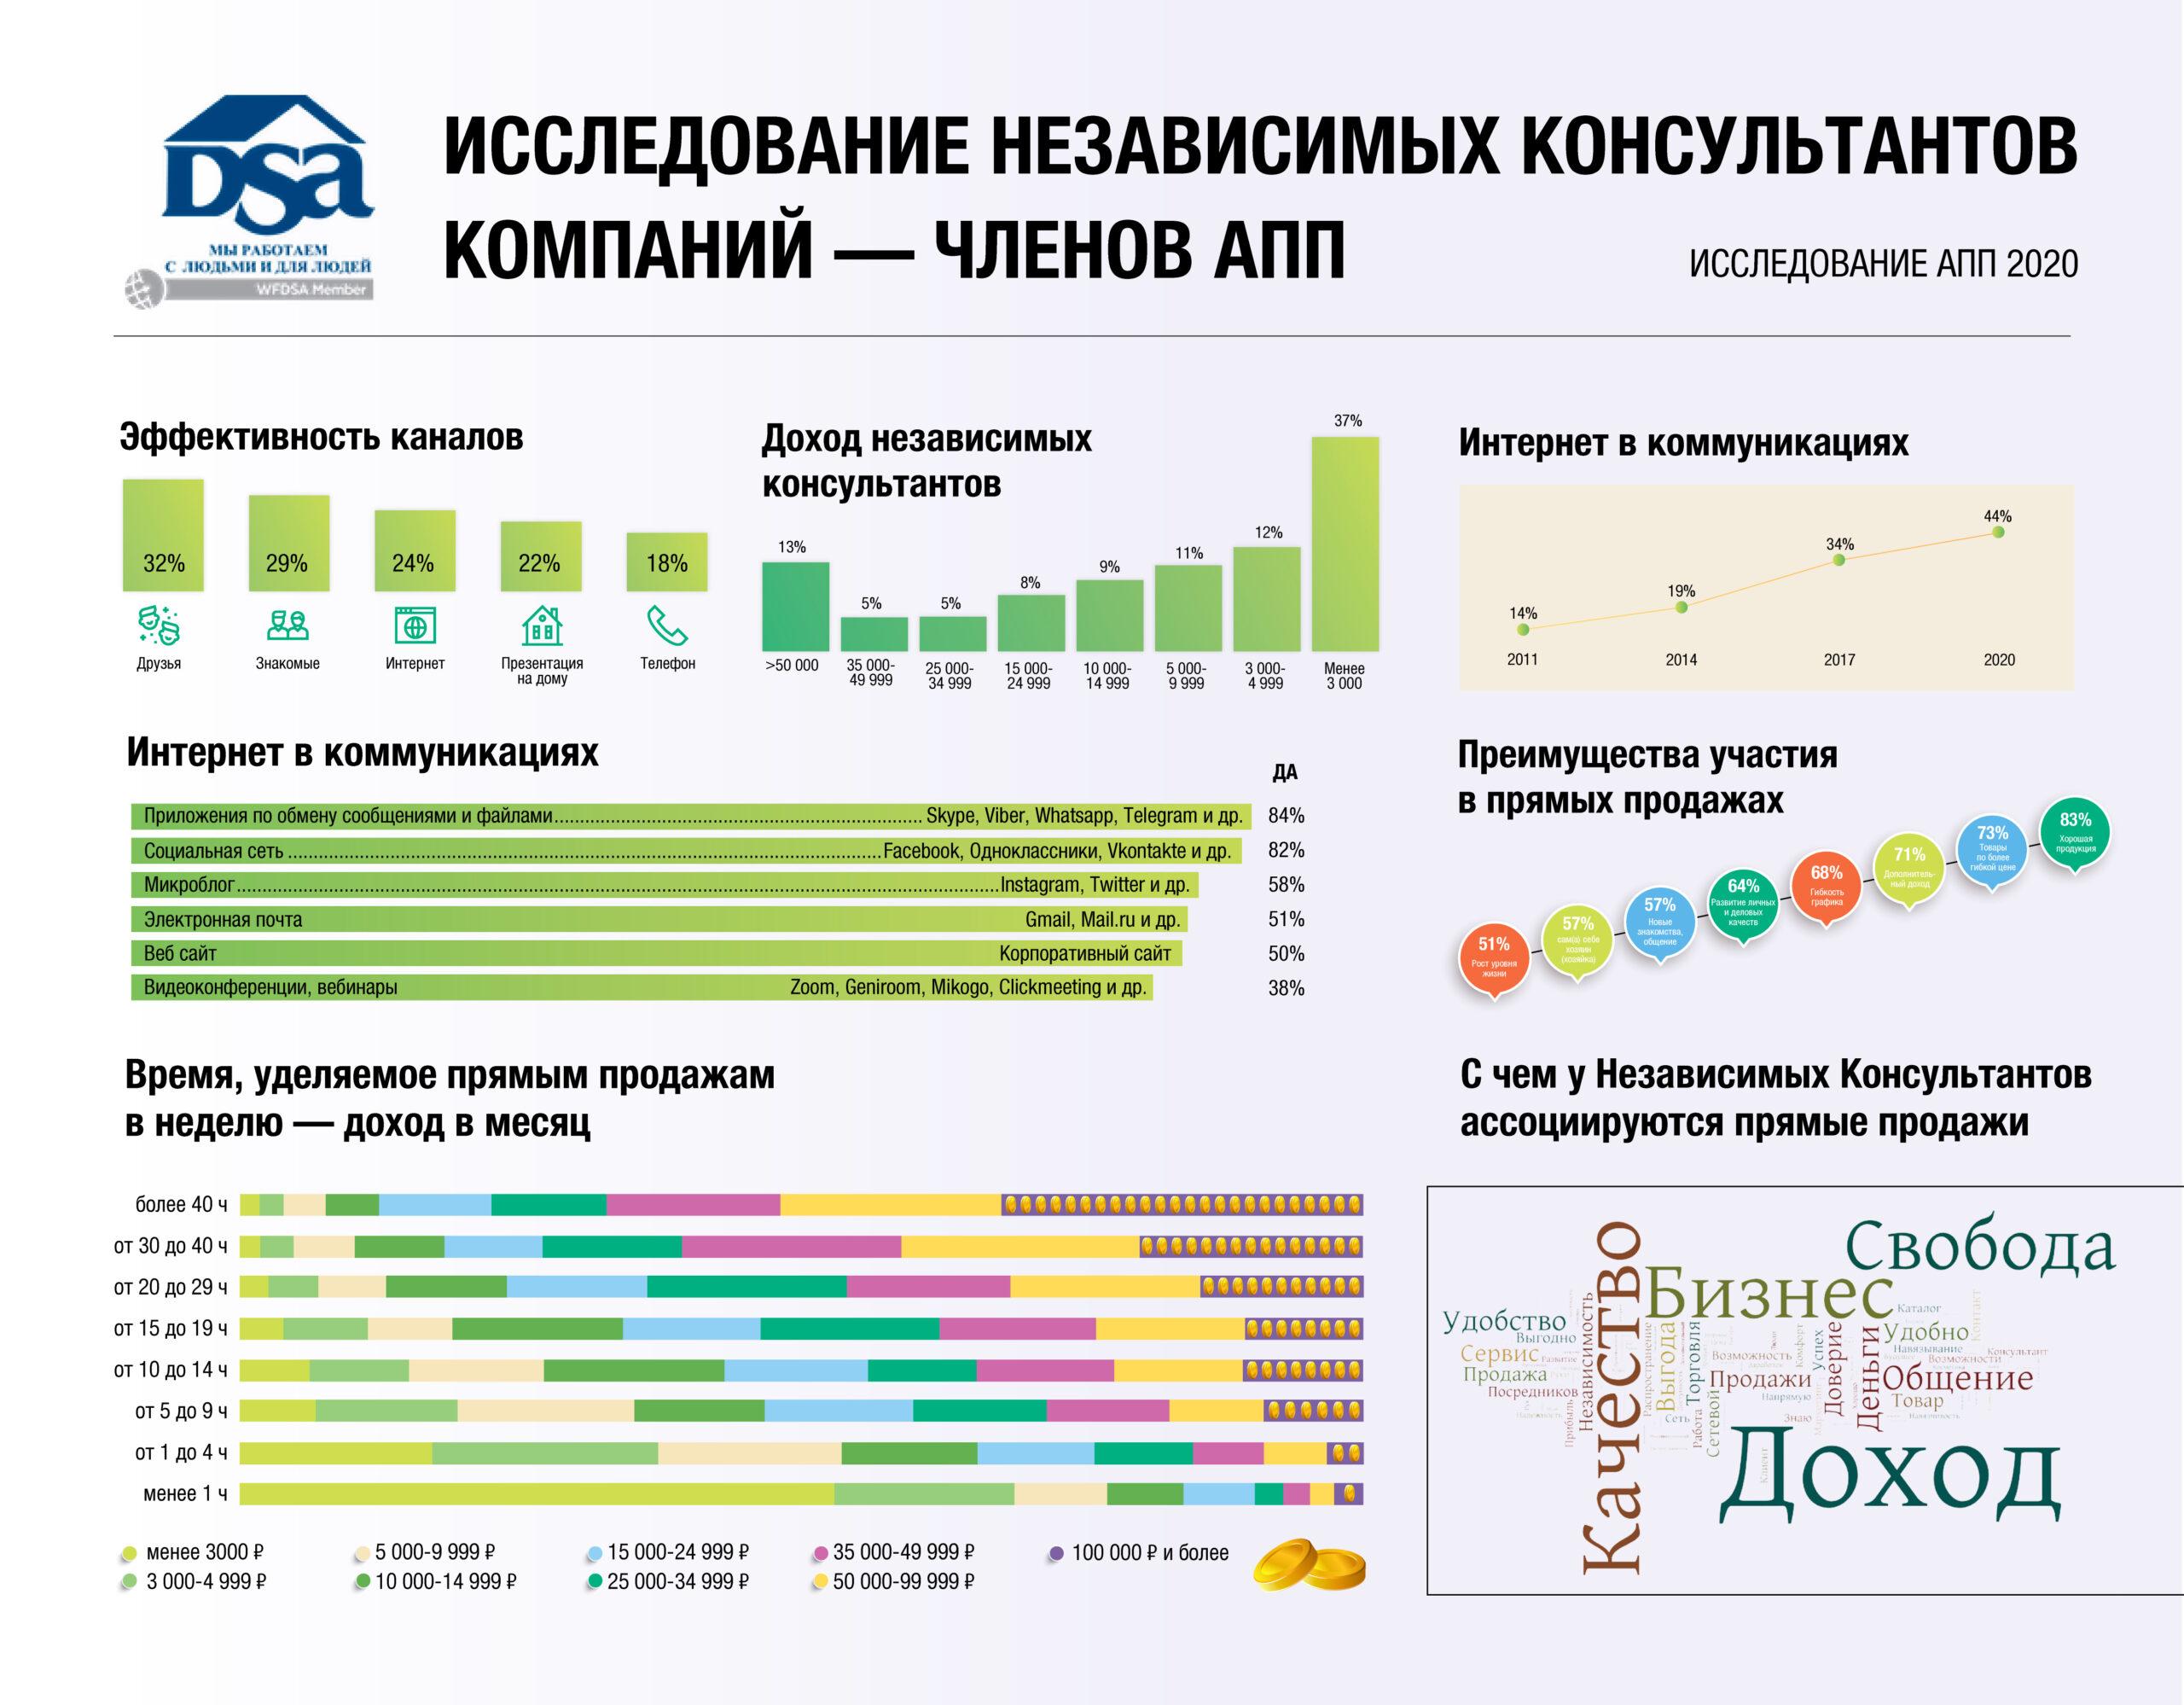 Исследование независимых консультантов компаний - членов АПП